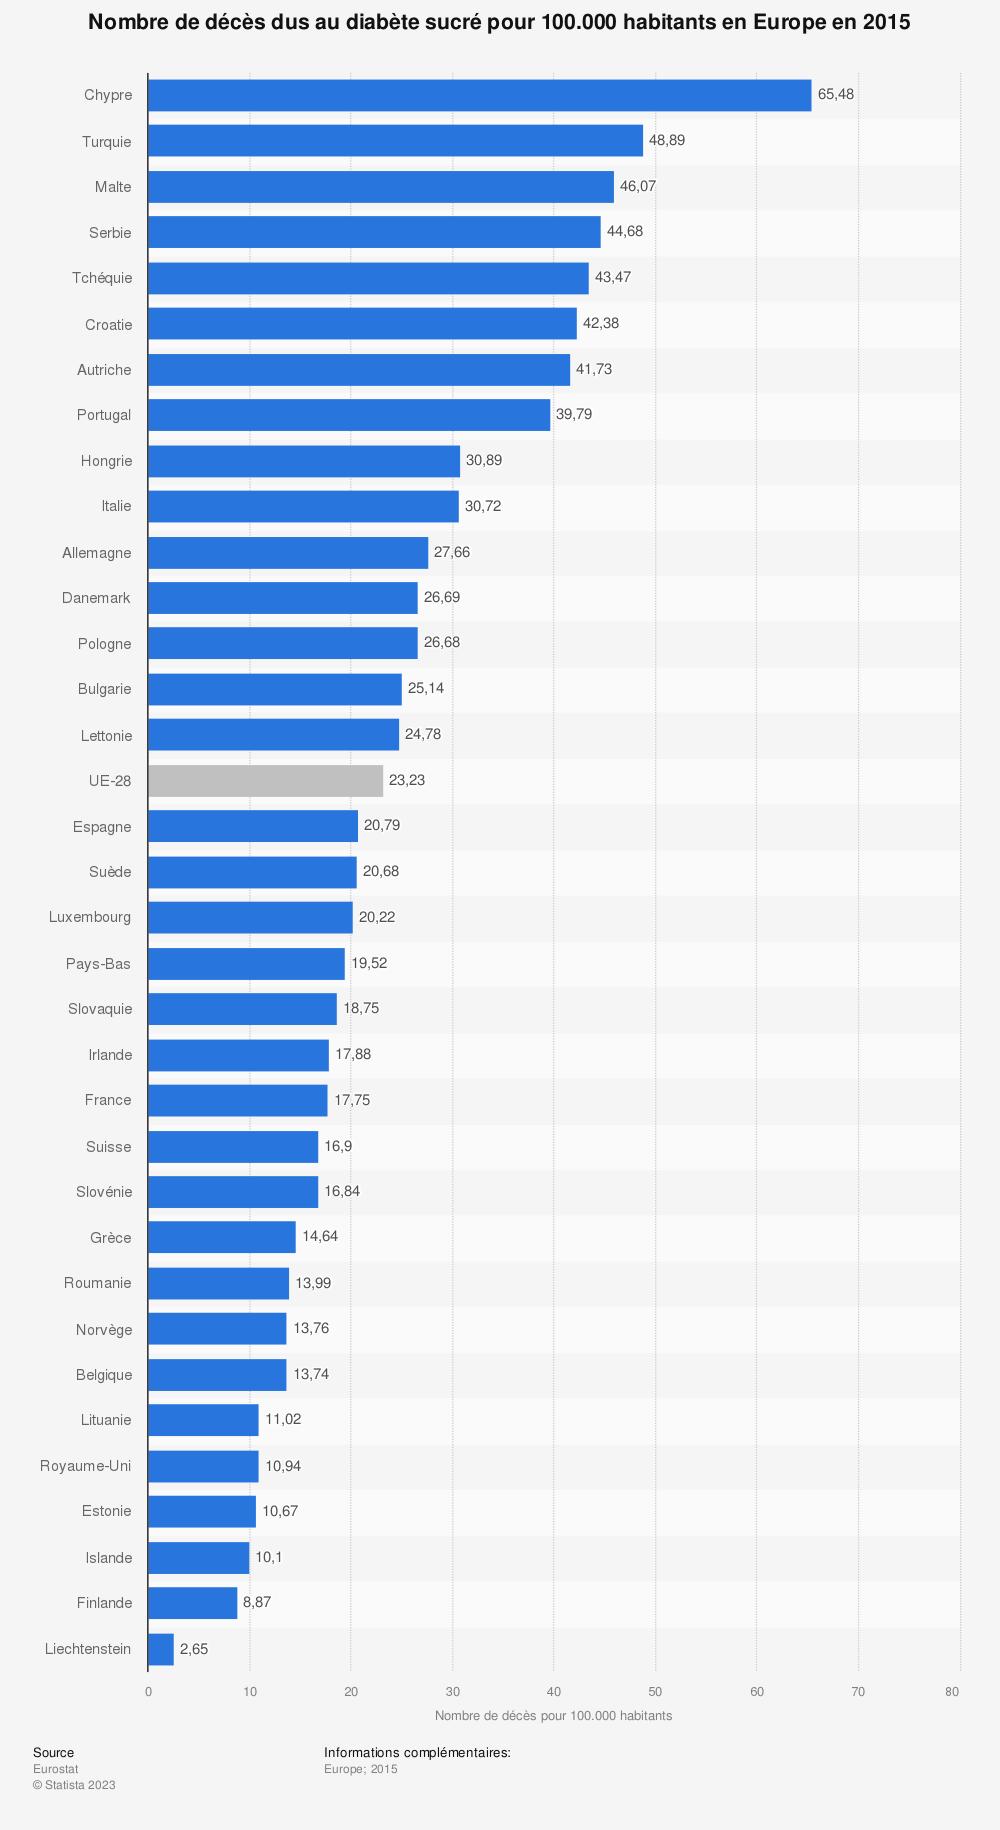 Statistique: Nombre de décès dus au diabète sucré pour 100.000 habitants en Europe en 2015 | Statista